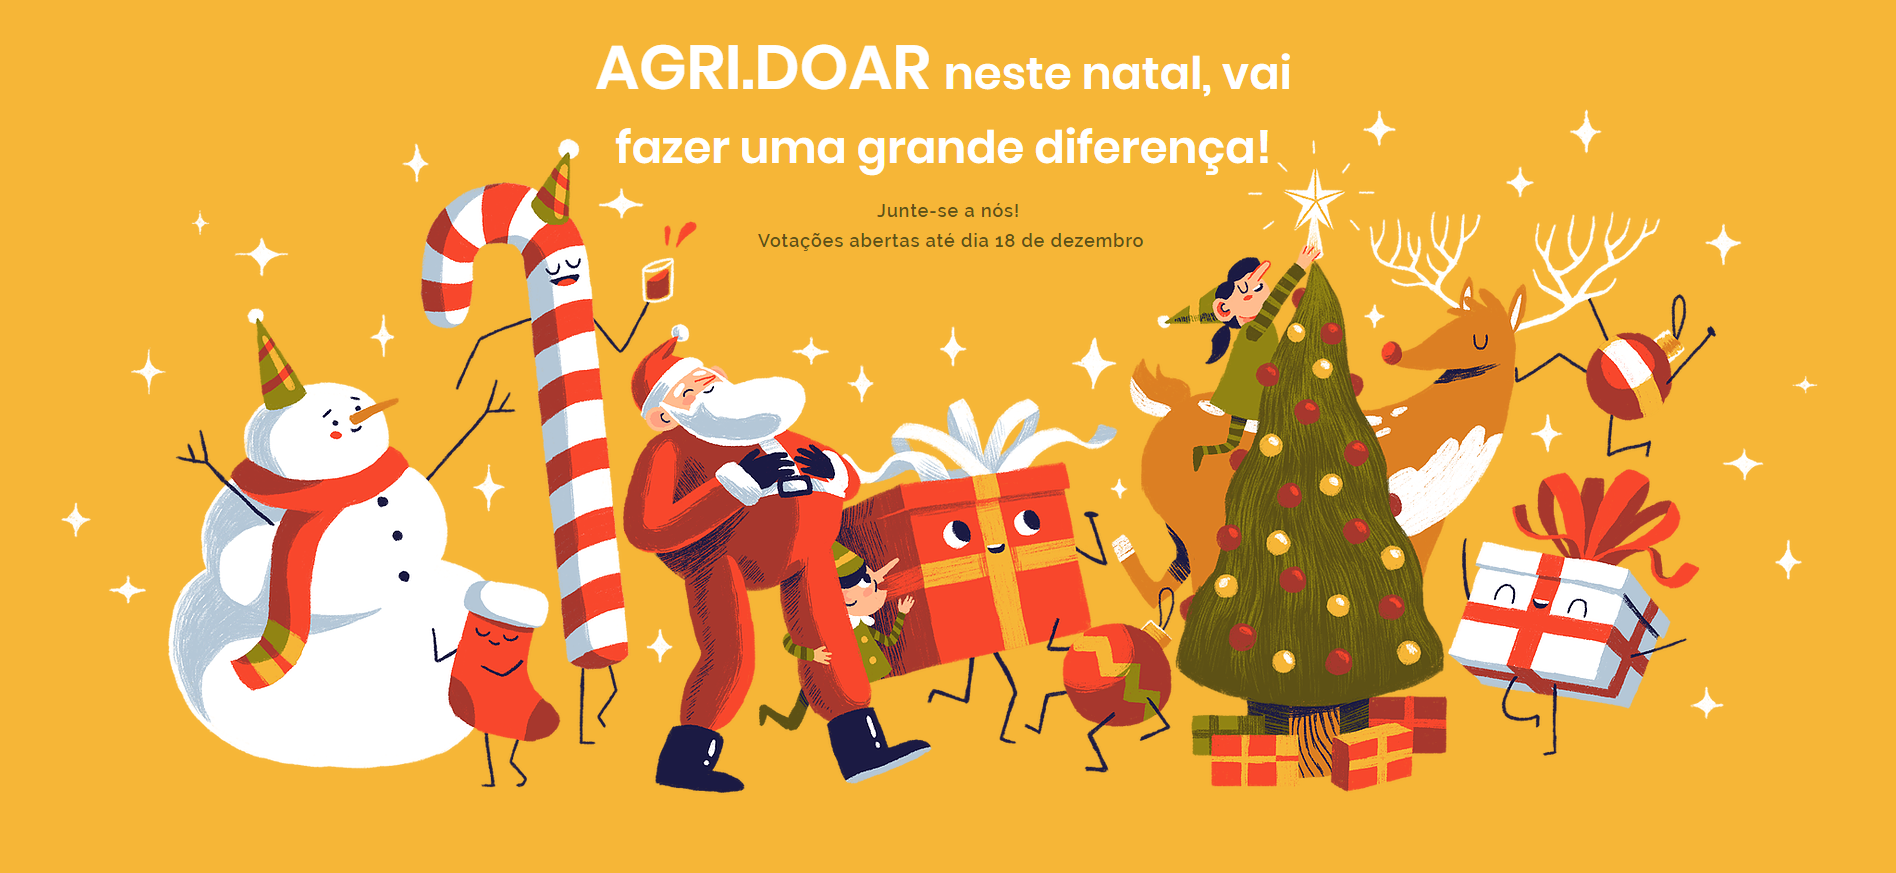 Campanha AGRI.DOAR 2019